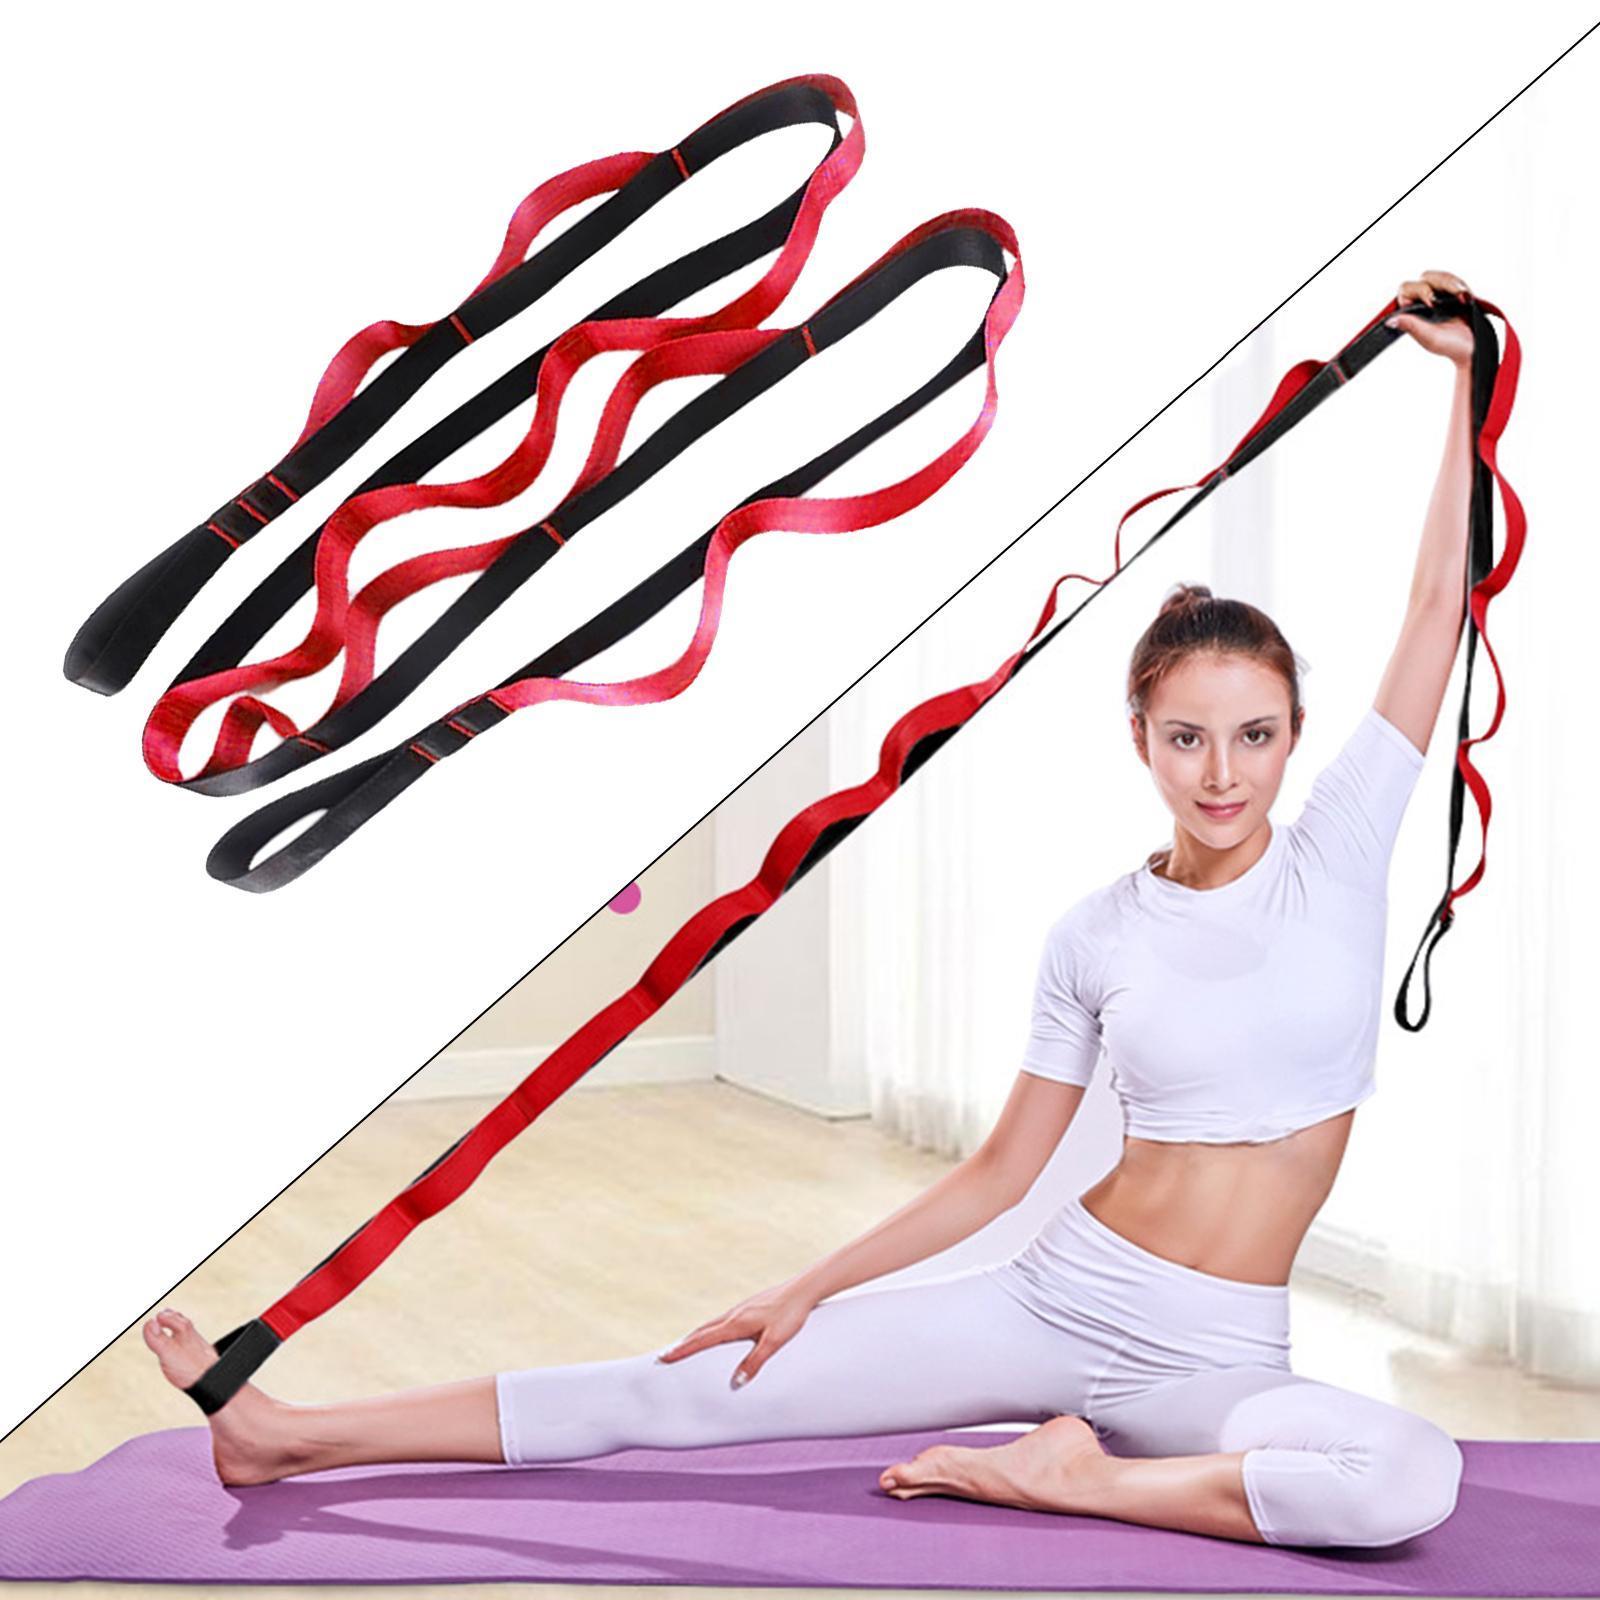 miniatura 42 - Pierna camilla yoga Stretch Strap Latin Dance Gymnastic pull cinturón flexibilidad